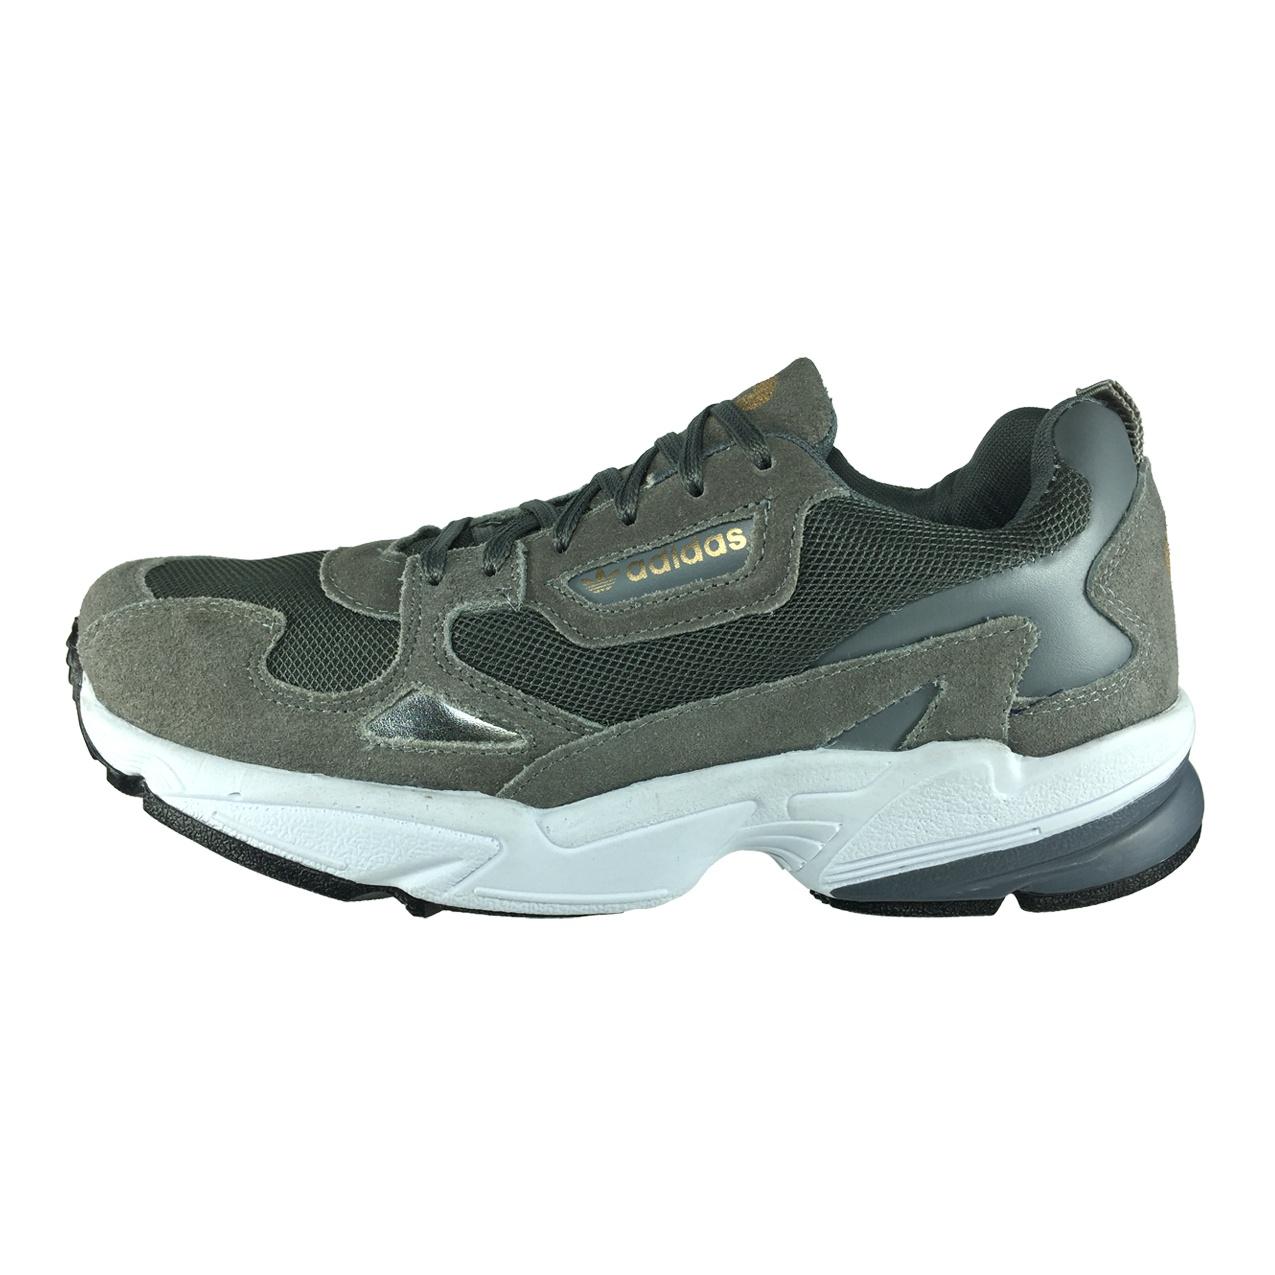 کفش ورزشی مردانه مدل B418 رنگ طوسی